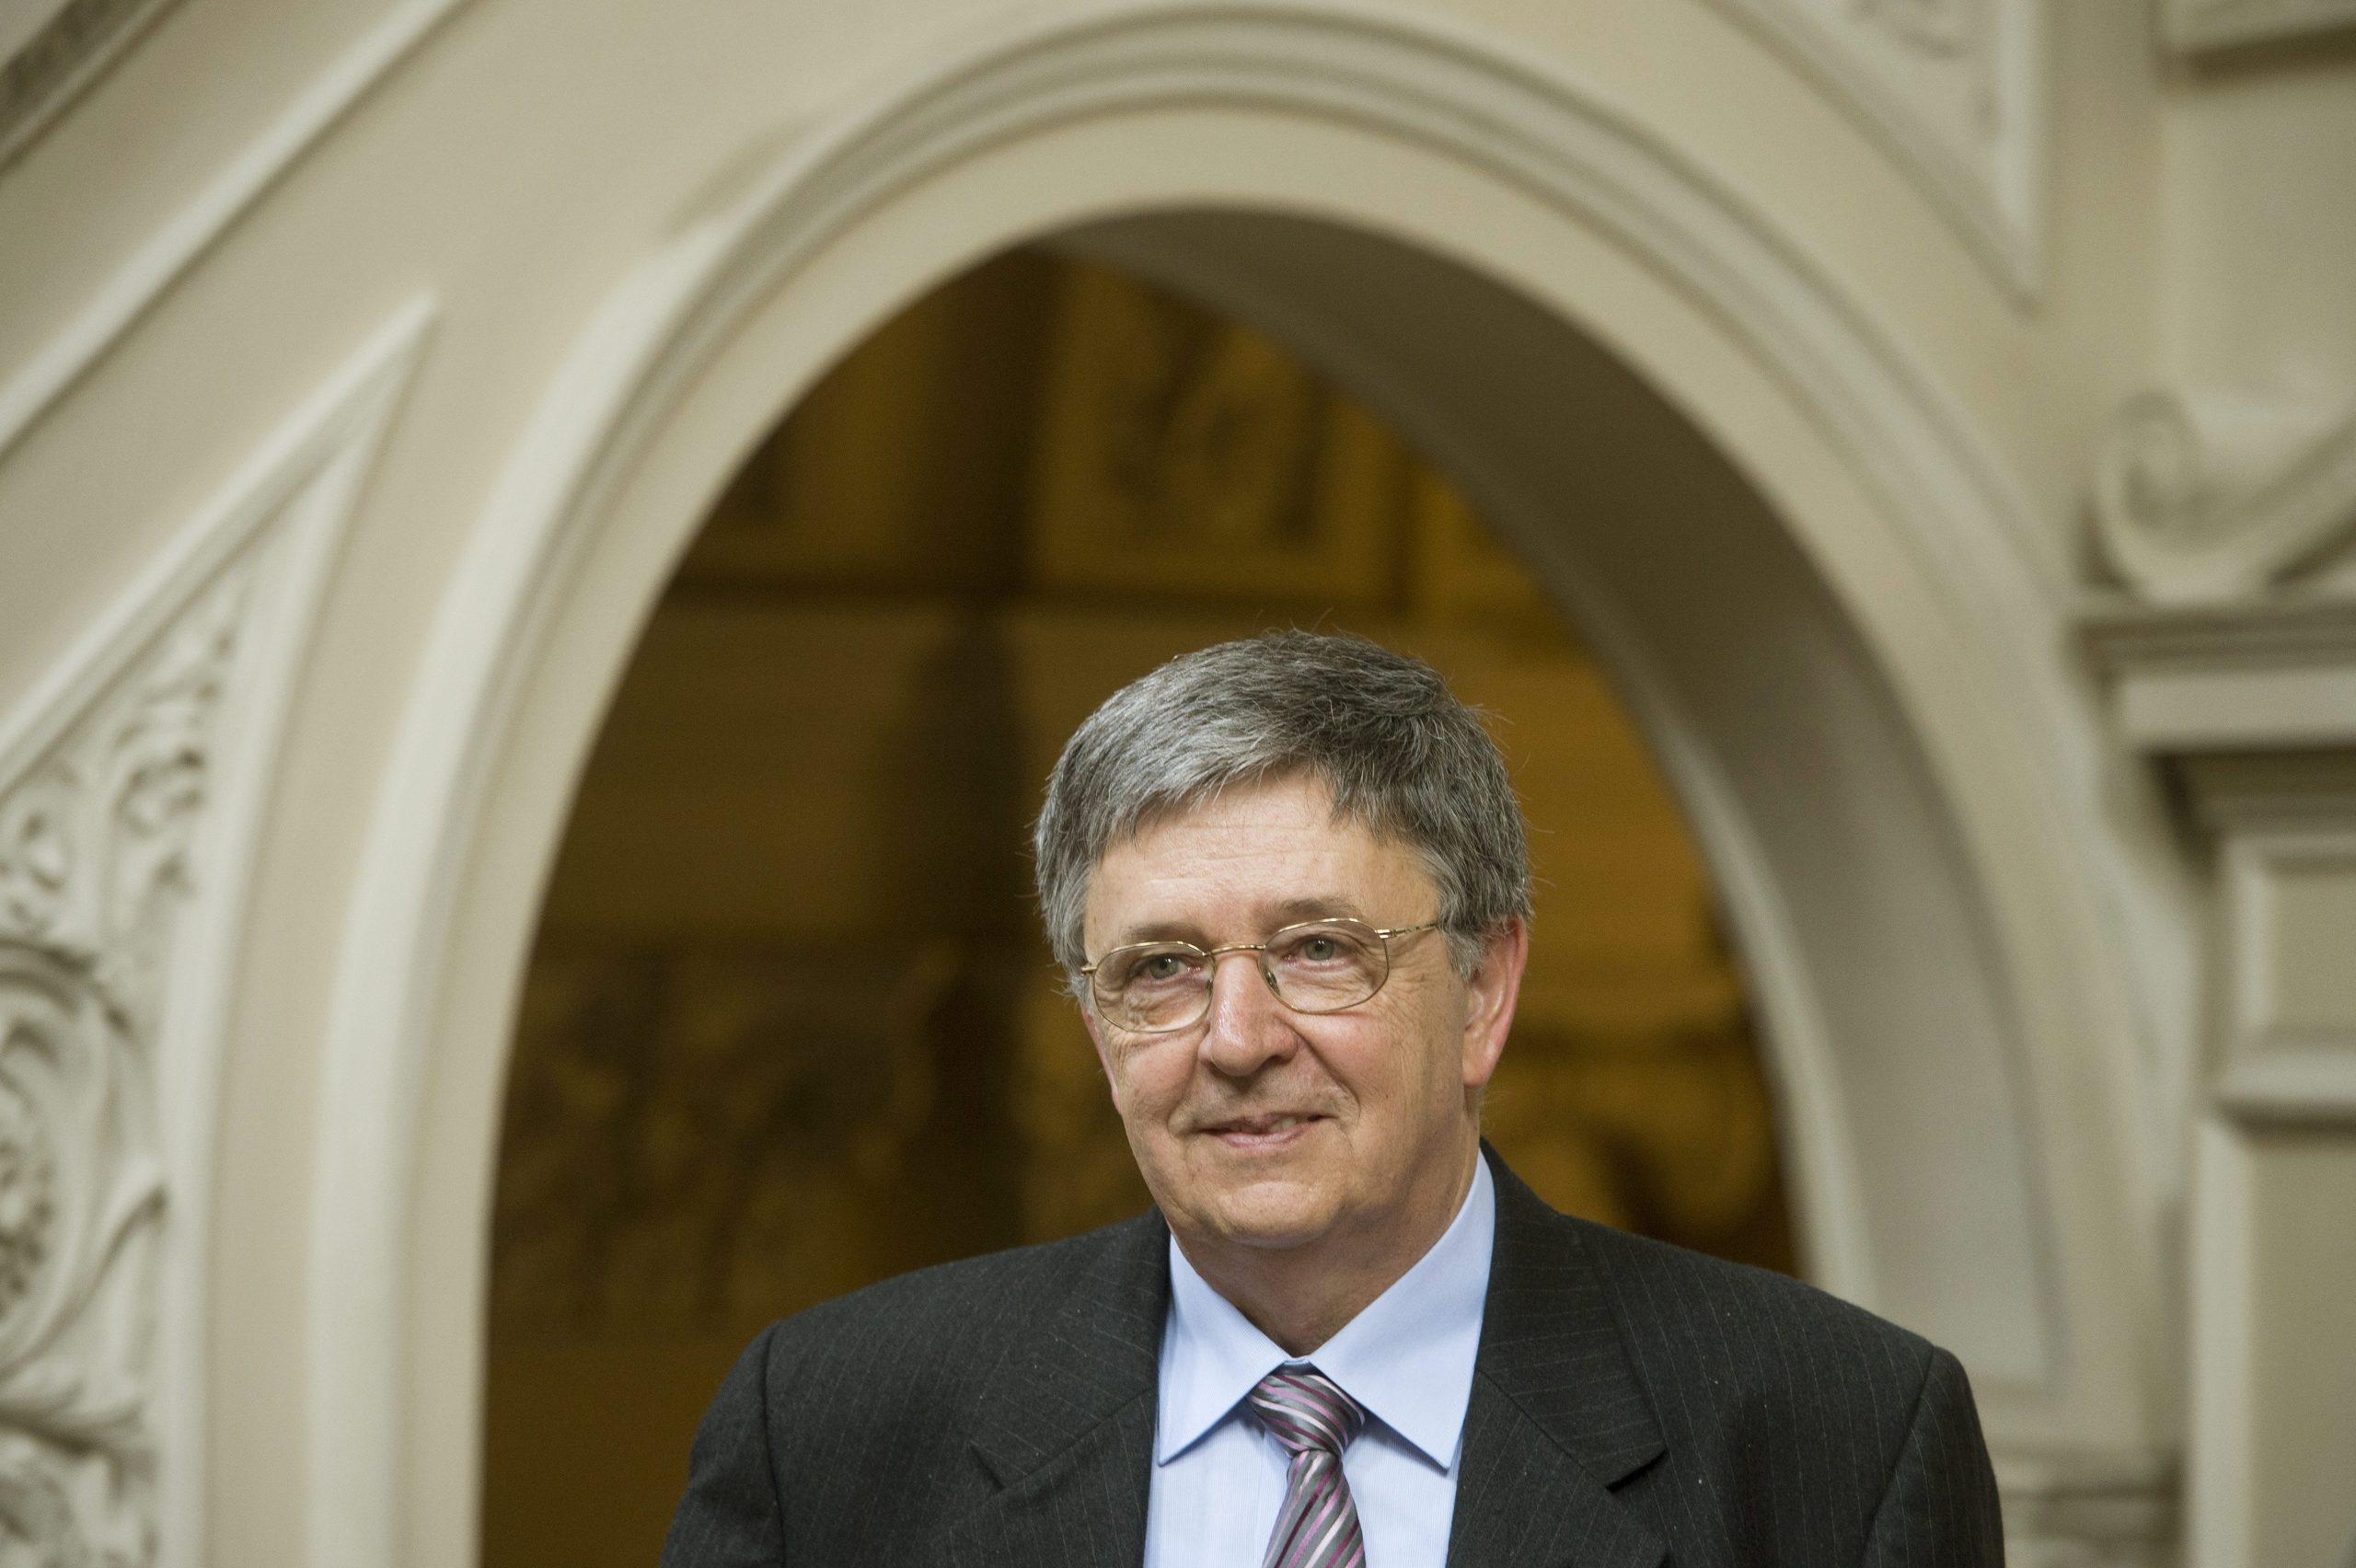 László Lovász Awarded Abel Prize, 'Math's Nobel'